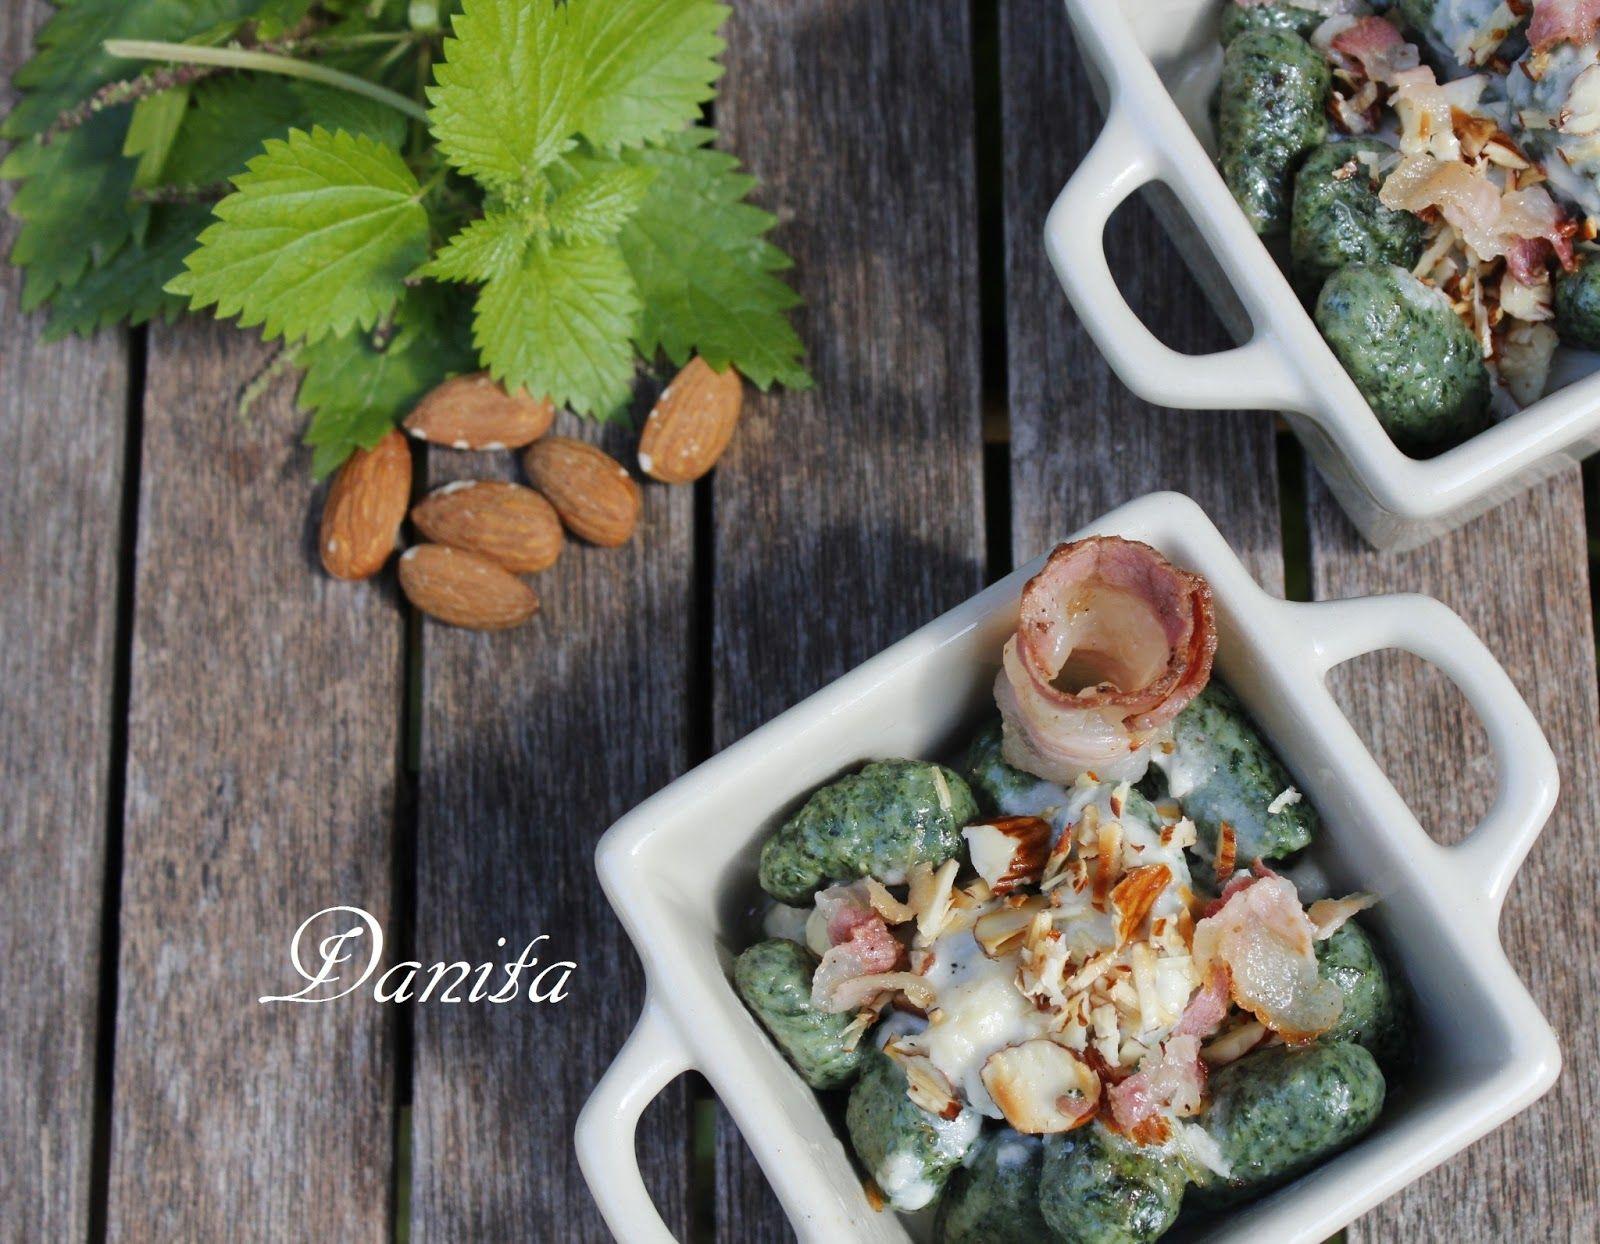 Le leccornie di Danita: Gnocchi di ortiche croccanti con fondutina di parmigiano